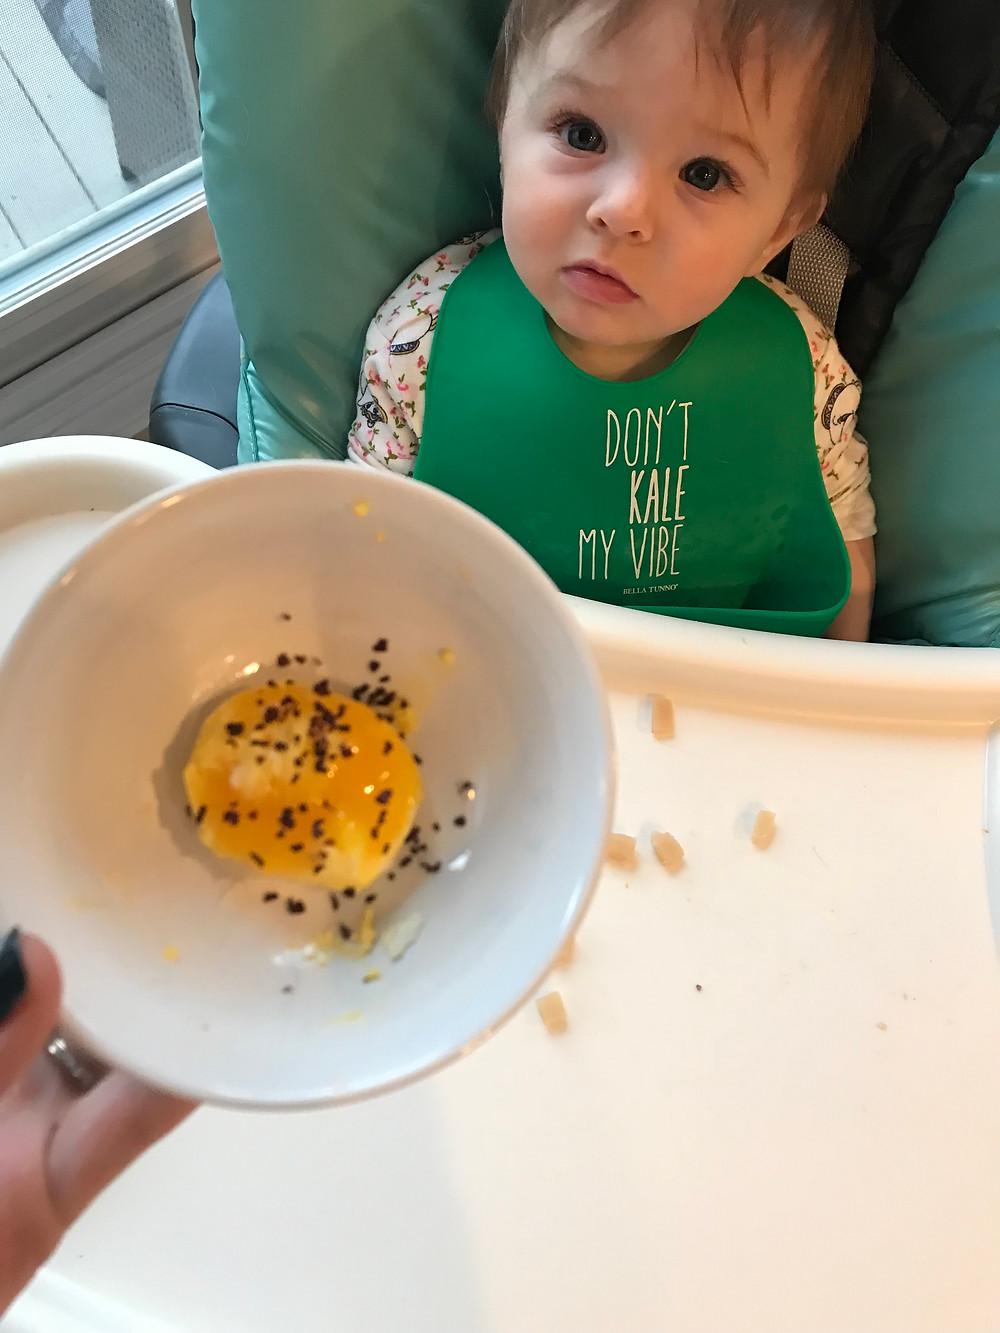 BLW : Egg yolk, dulse flakes